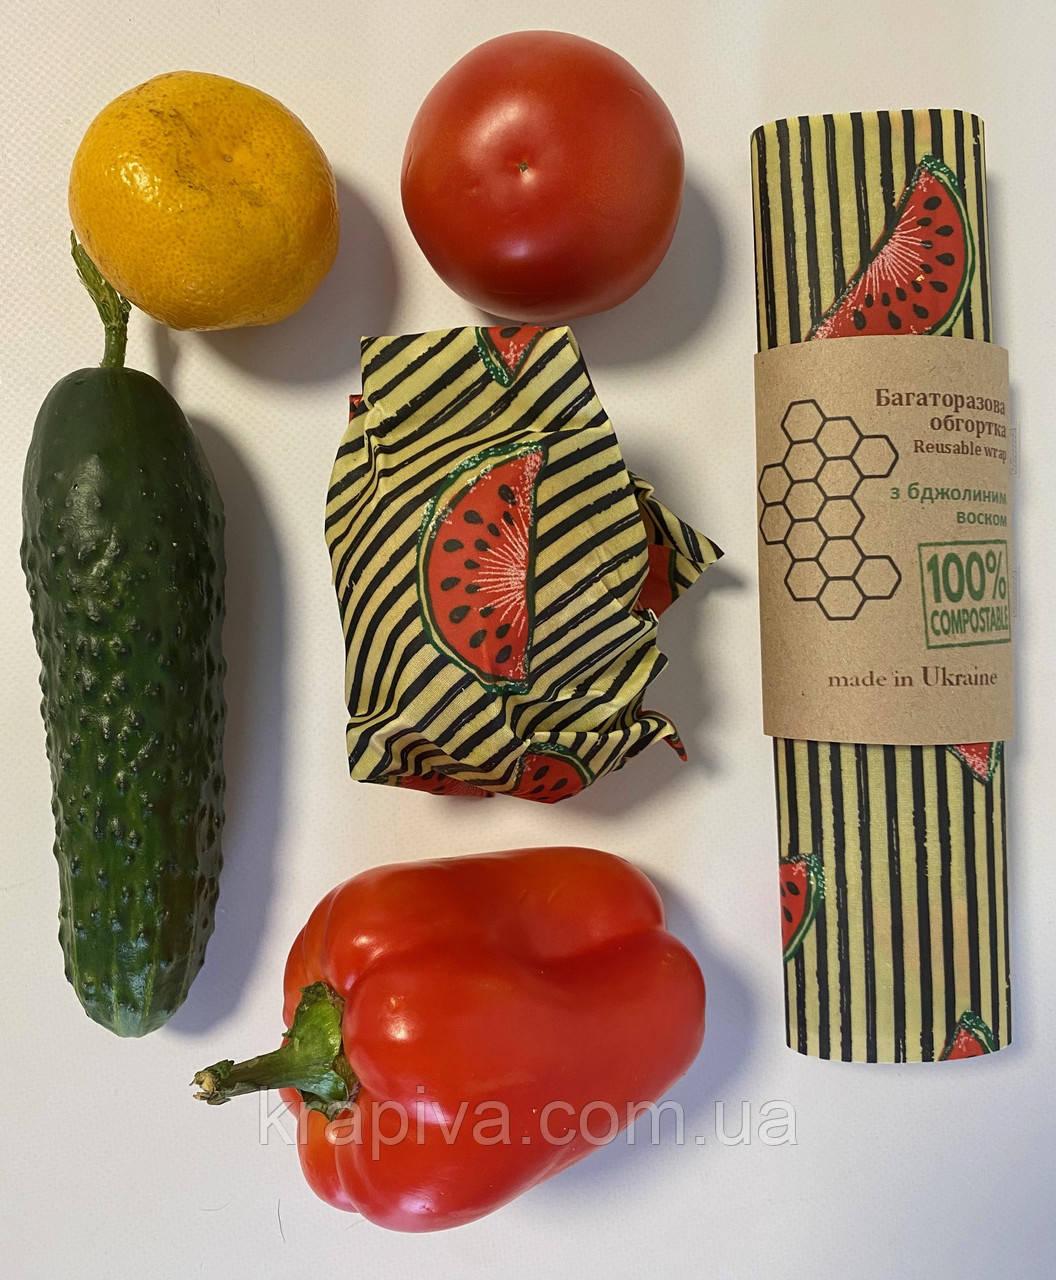 Багаторазова воскова упаковка для продуктів, багаторазова серветка обгортка, екопакування, вощені серветки